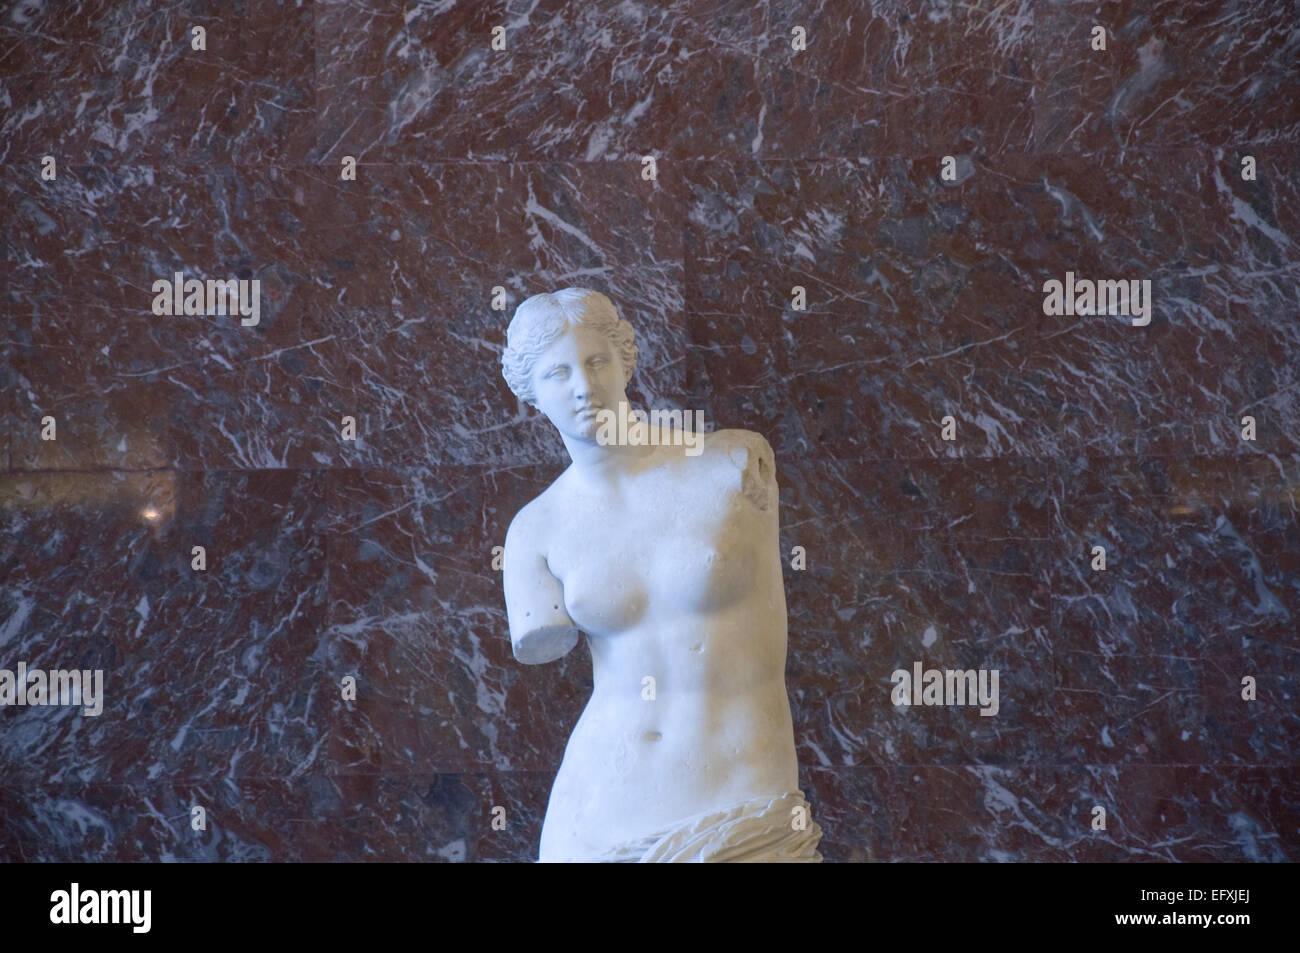 Venus de Milo sculpture in the Louvre Art Museum Paris France. Stock Photo